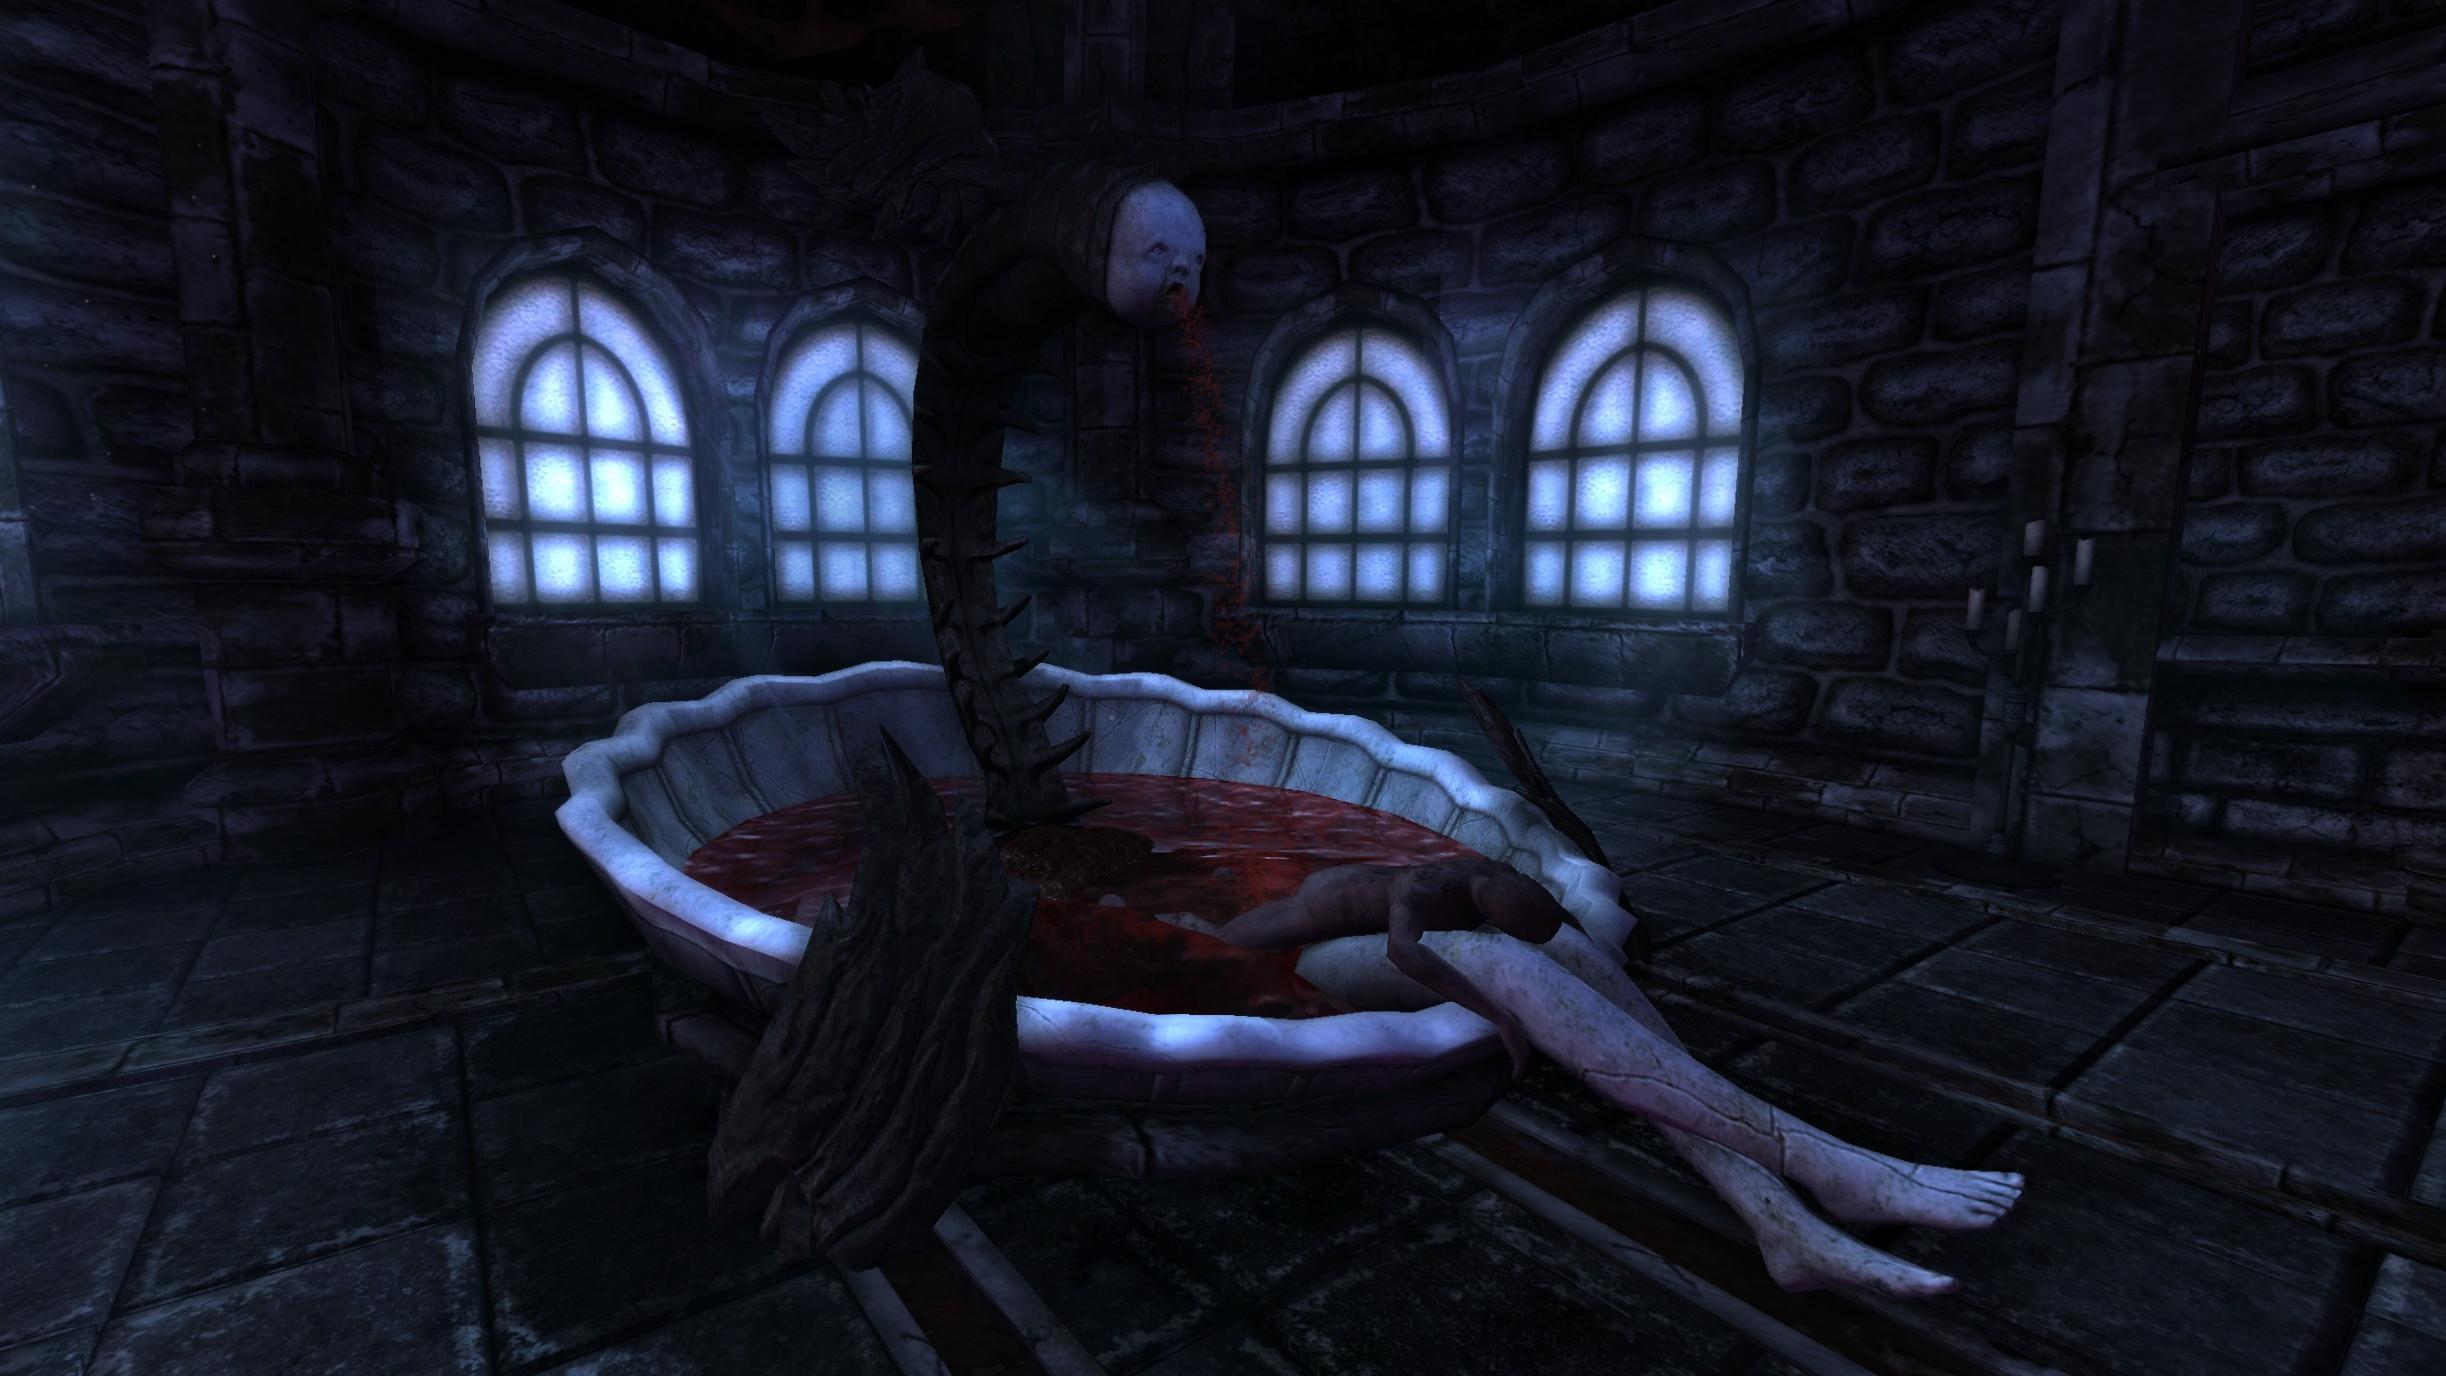 frictional-games-amnesia-rebirth-oyununu-duyurdu